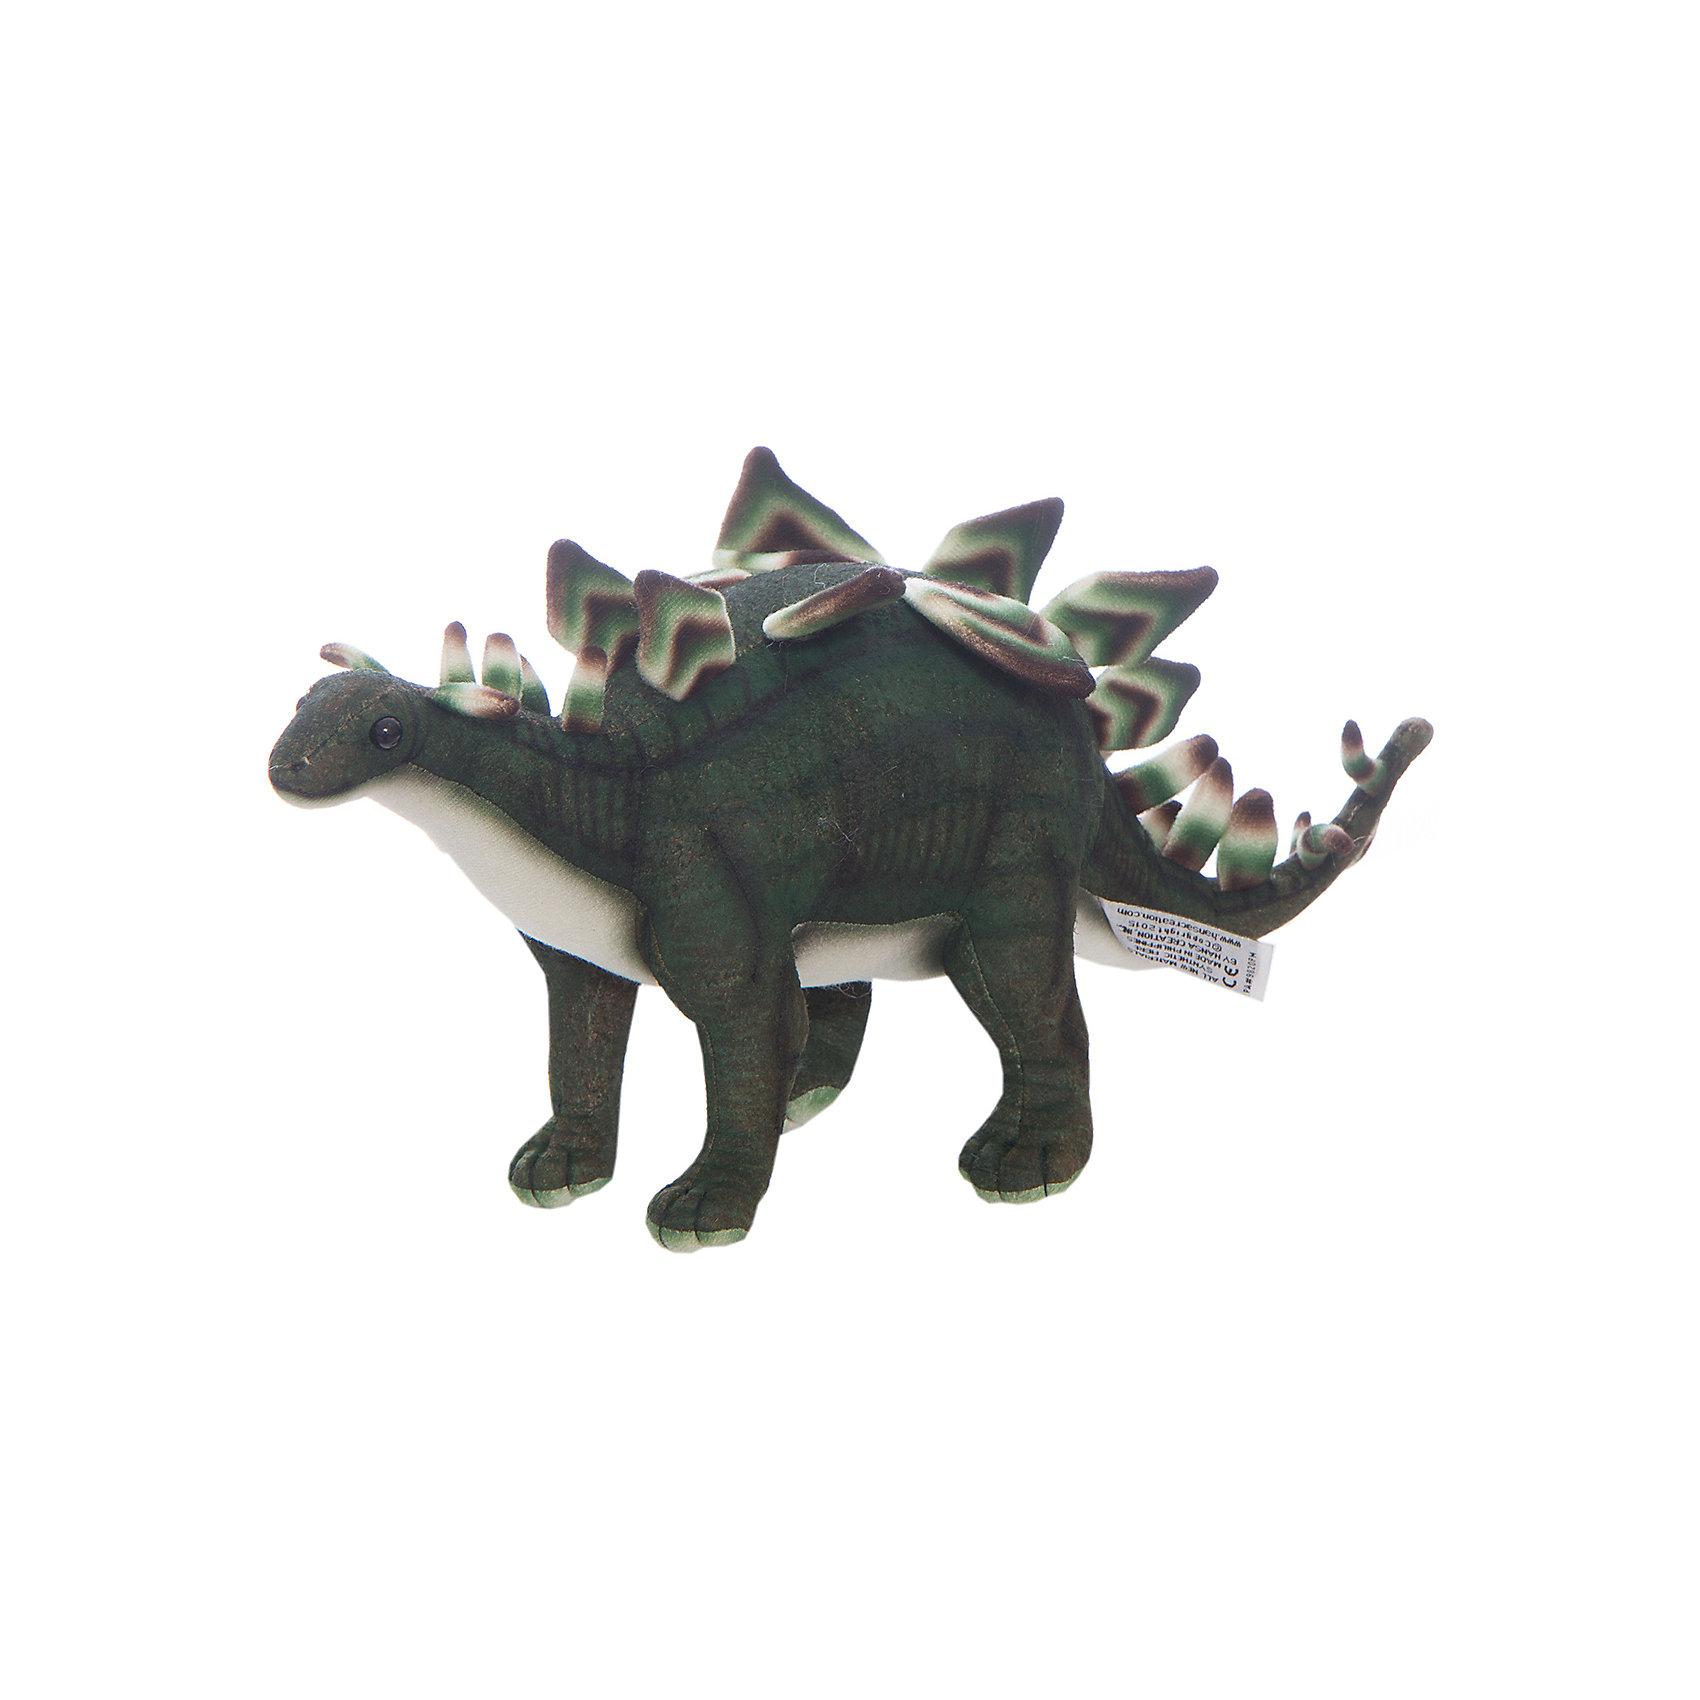 Стегозавр, 42 смСтегозавр, 42 см – игрушка от знаменитого бренда Hansa, специализирующегося на выпуске мягких игрушек с высокой степенью натуралистичности. Внешний вид игрушечного стегозавра полностью соответствует восстановленому облику крышеящера, обитавшего в поздний юрский период. Игрушка выполнена из текстиля, который окрашен в оттенки, характерные для облика стегозавтра: коричнево-зеленая спина и горизонтадбные темно-зеленые полоски. Вдоль спины и хвоста – яркий гребень. Использованные материалы обладают гипоаллергенными свойствами. Внутри игрушки имеется металлический каркас, позволяющий изменять положение. <br>Игрушка относится к серии Доисторические животные. <br>Мягкие игрушки от Hansa подходят для сюжетно-ролевых игр, для обучающих игр, направленных на знакомство с животным миром дикой природы. Кроме того, их можно использовать в качестве интерьерных игрушек. Коллекция из нескольких игрушек позволяет воссоздать доисторическую эпоху. Игрушки от Hansa, будут радовать вашего ребенка долгое время, так как ручная работа и качественные материалы гарантируют их долговечность и прочность.<br><br>Дополнительная информация:<br><br>- Вид игр: сюжетно-ролевые игры, коллекционирование, интерьерные игрушки<br>- Предназначение: для дома, для детских развивающих центров, для детских садов<br>- Материал: текстиль, наполнитель ? полиэфирное волокно<br>- Размер (ДхШхВ): 42*19*8 см<br>- Вес: 1 кг 200 г<br>- Особенности ухода: сухая чистка при помощи пылесоса или щетки для одежды<br><br>Подробнее:<br><br>• Для детей в возрасте: от 3 лет <br>• Страна производитель: Филиппины<br>• Торговый бренд: Hansa<br><br>Стегозавра, 42 см можно купить в нашем интернет-магазине.<br><br>Ширина мм: 42<br>Глубина мм: 19<br>Высота мм: 8<br>Вес г: 1200<br>Возраст от месяцев: 36<br>Возраст до месяцев: 2147483647<br>Пол: Унисекс<br>Возраст: Детский<br>SKU: 4927220